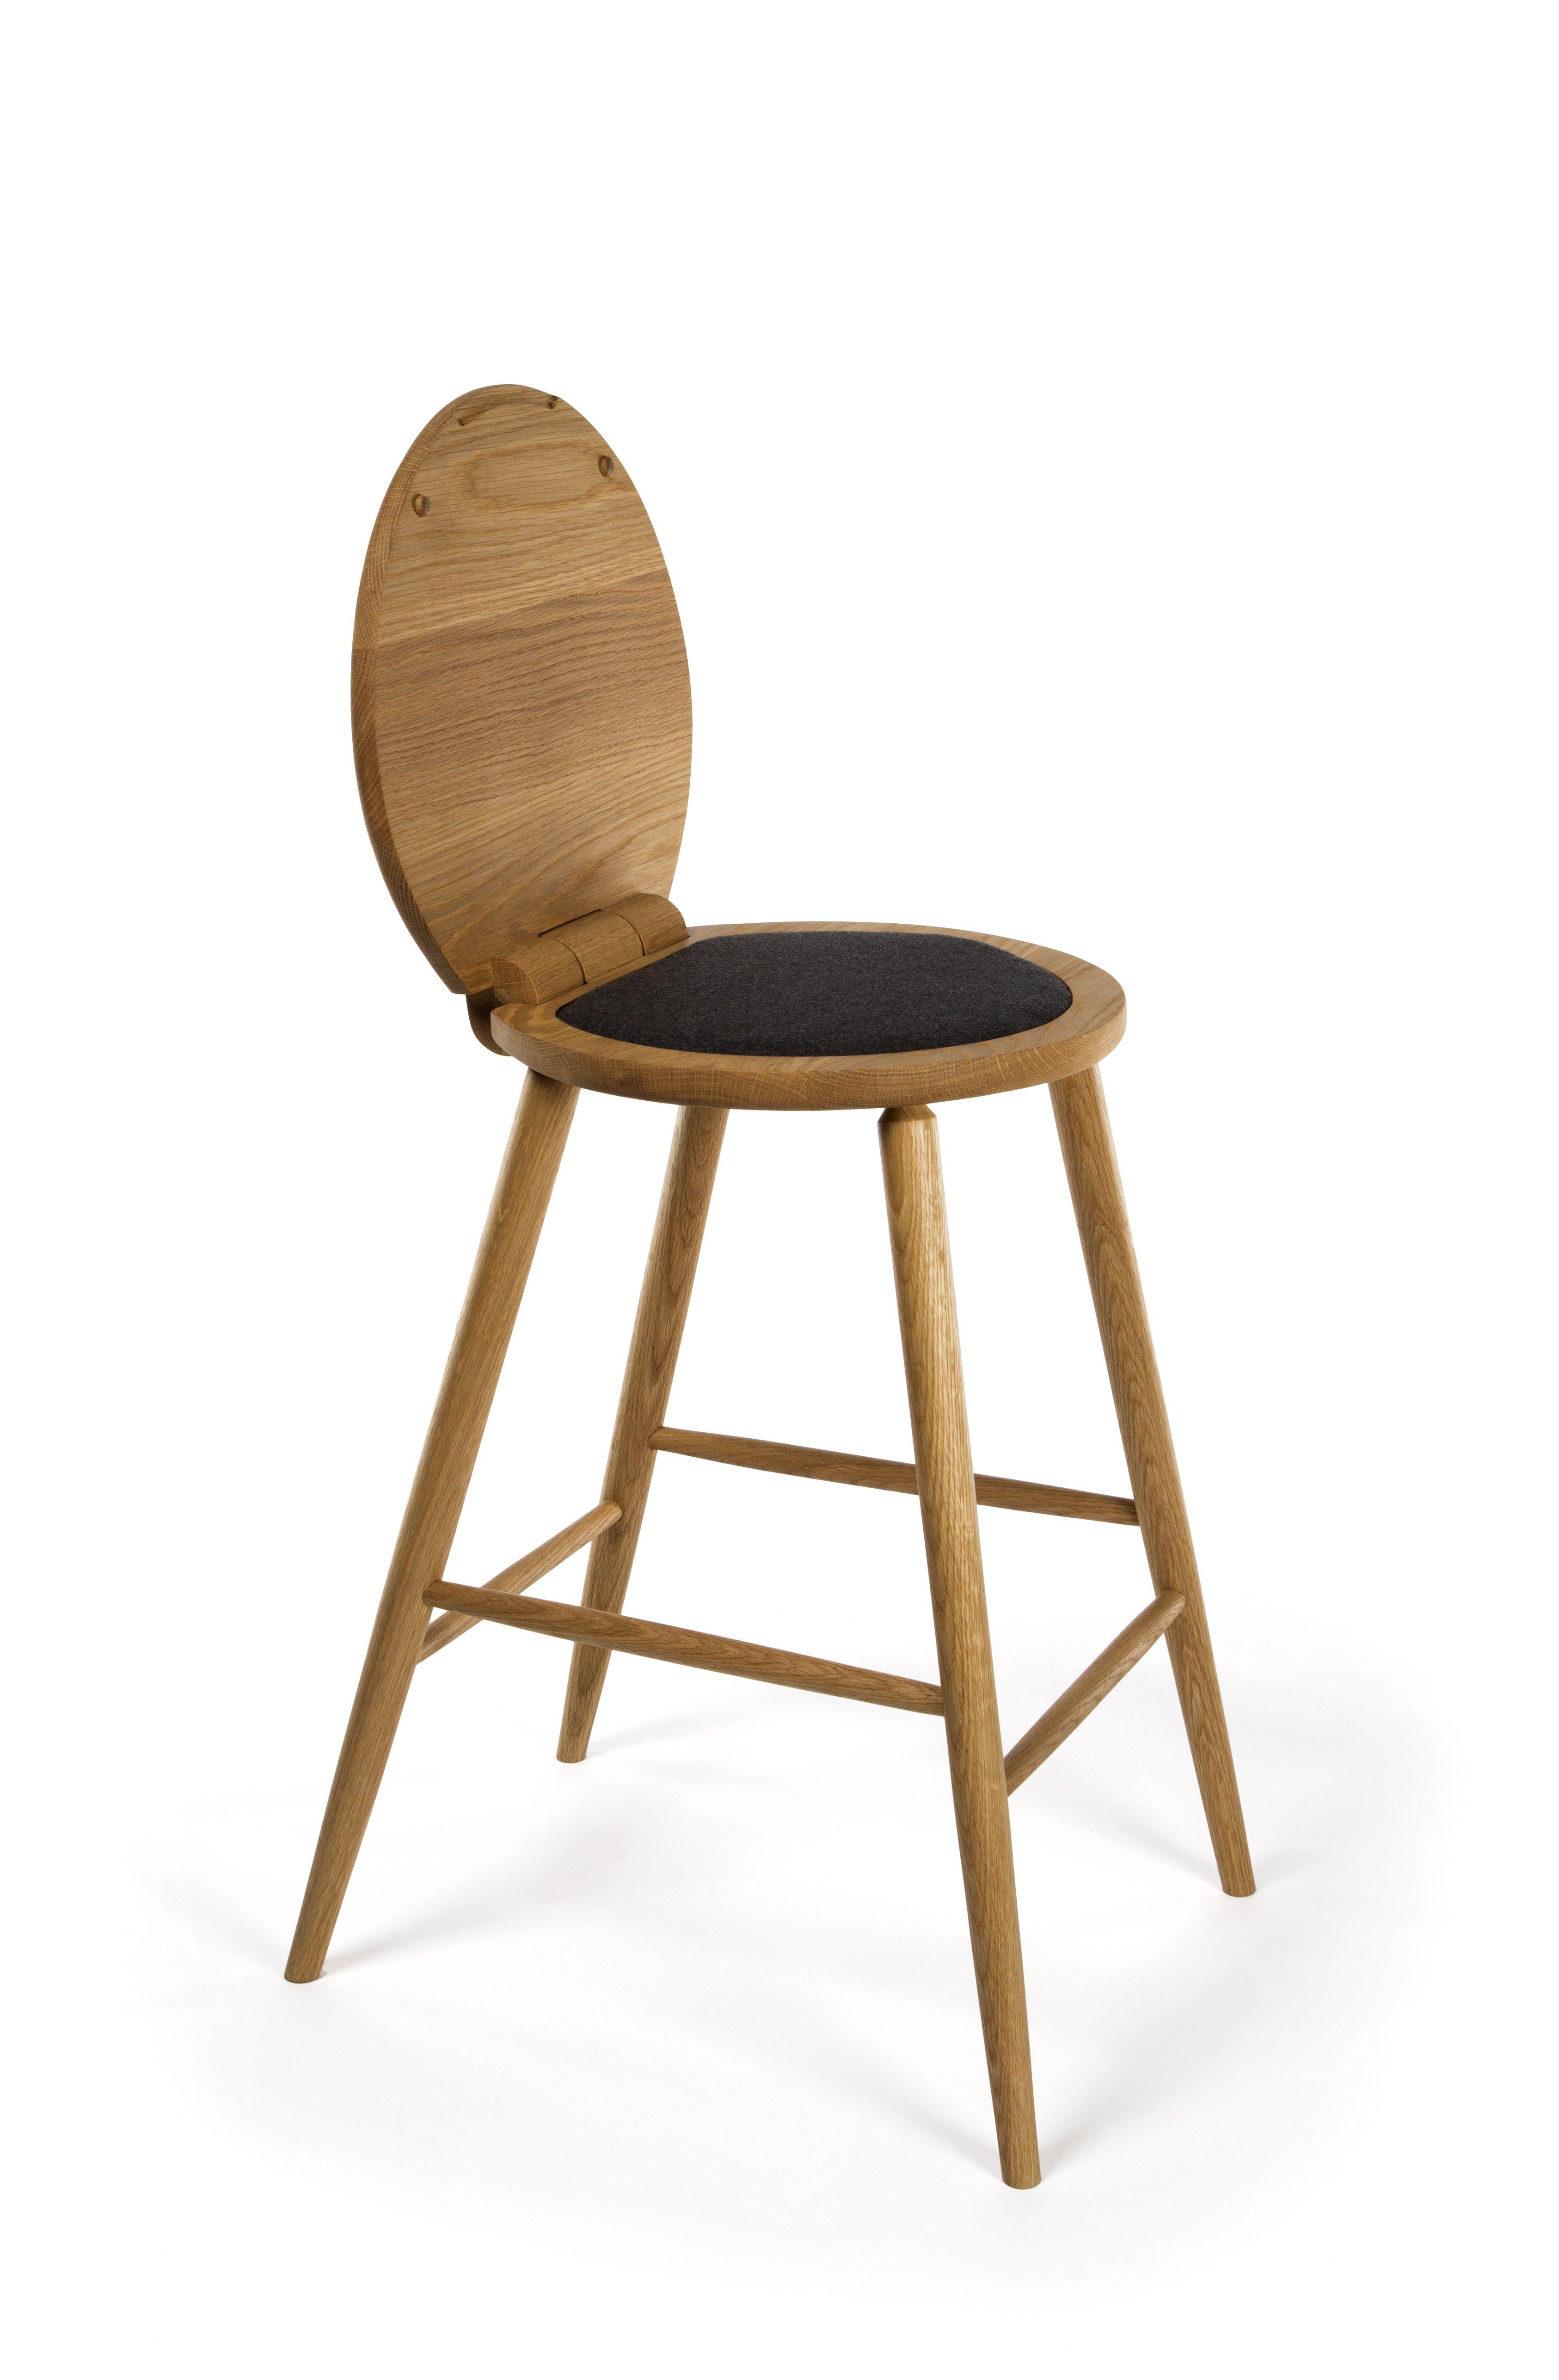 Stefan Tobolka's Stool Design